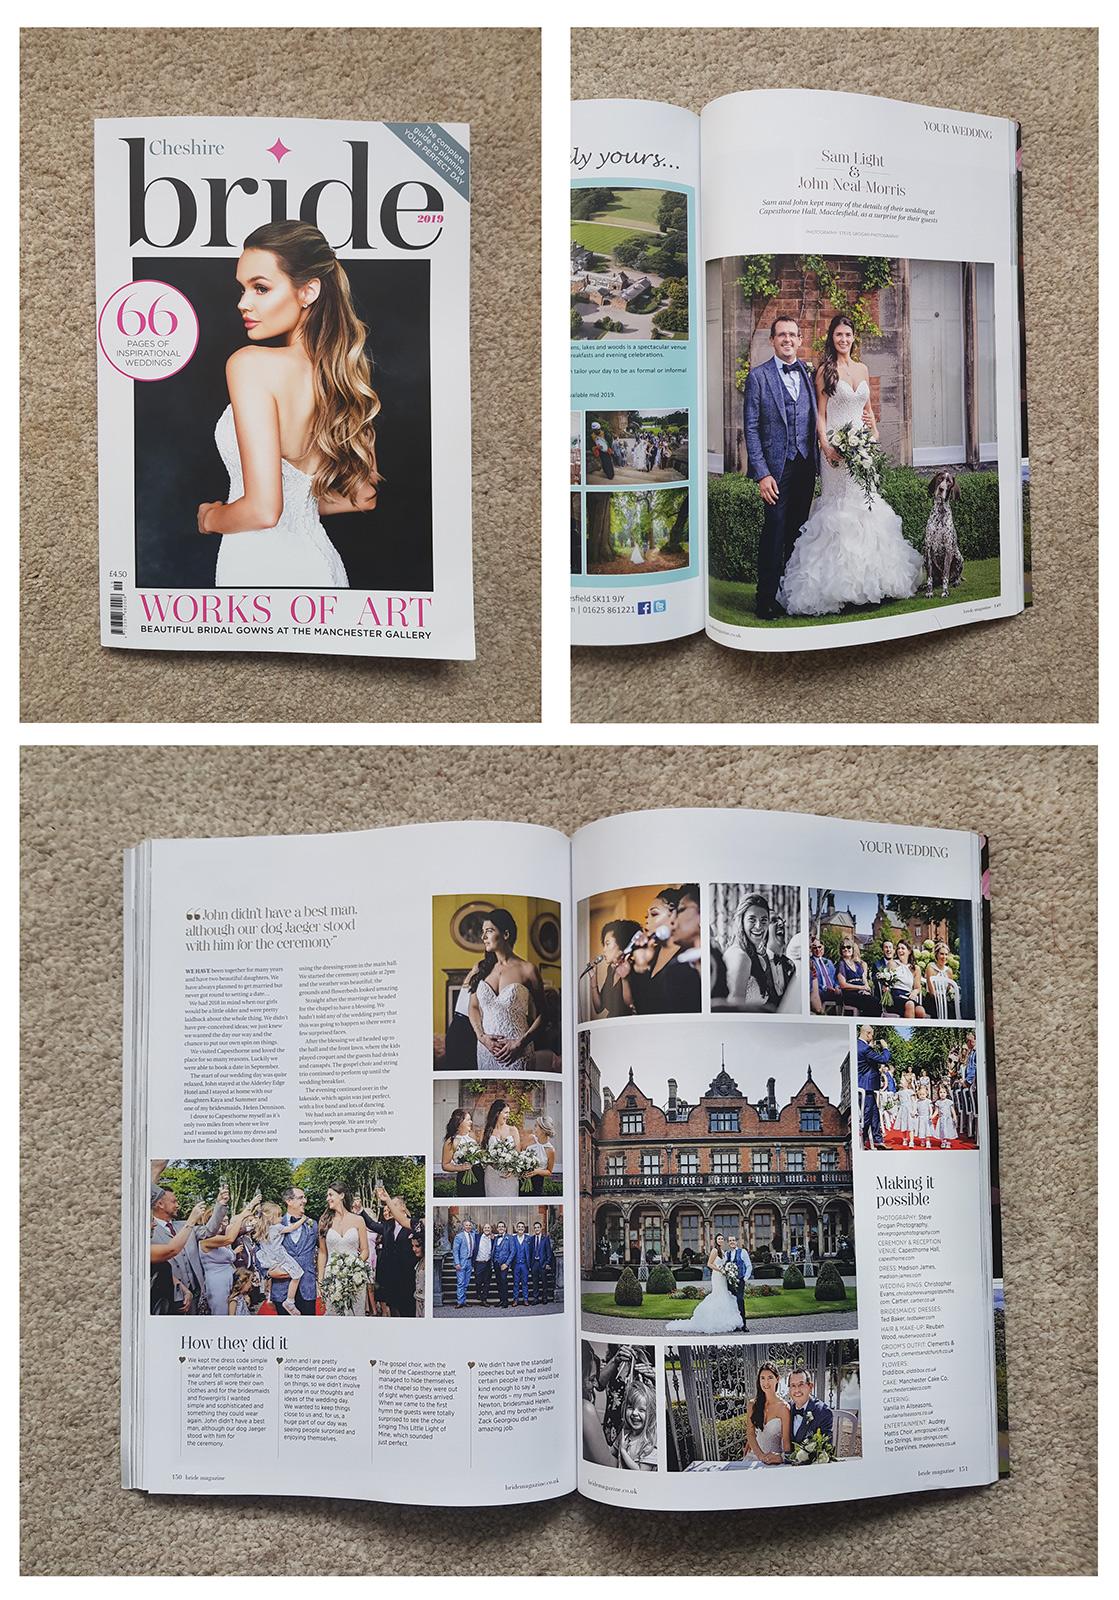 Cheshire Bride Magazine 2019